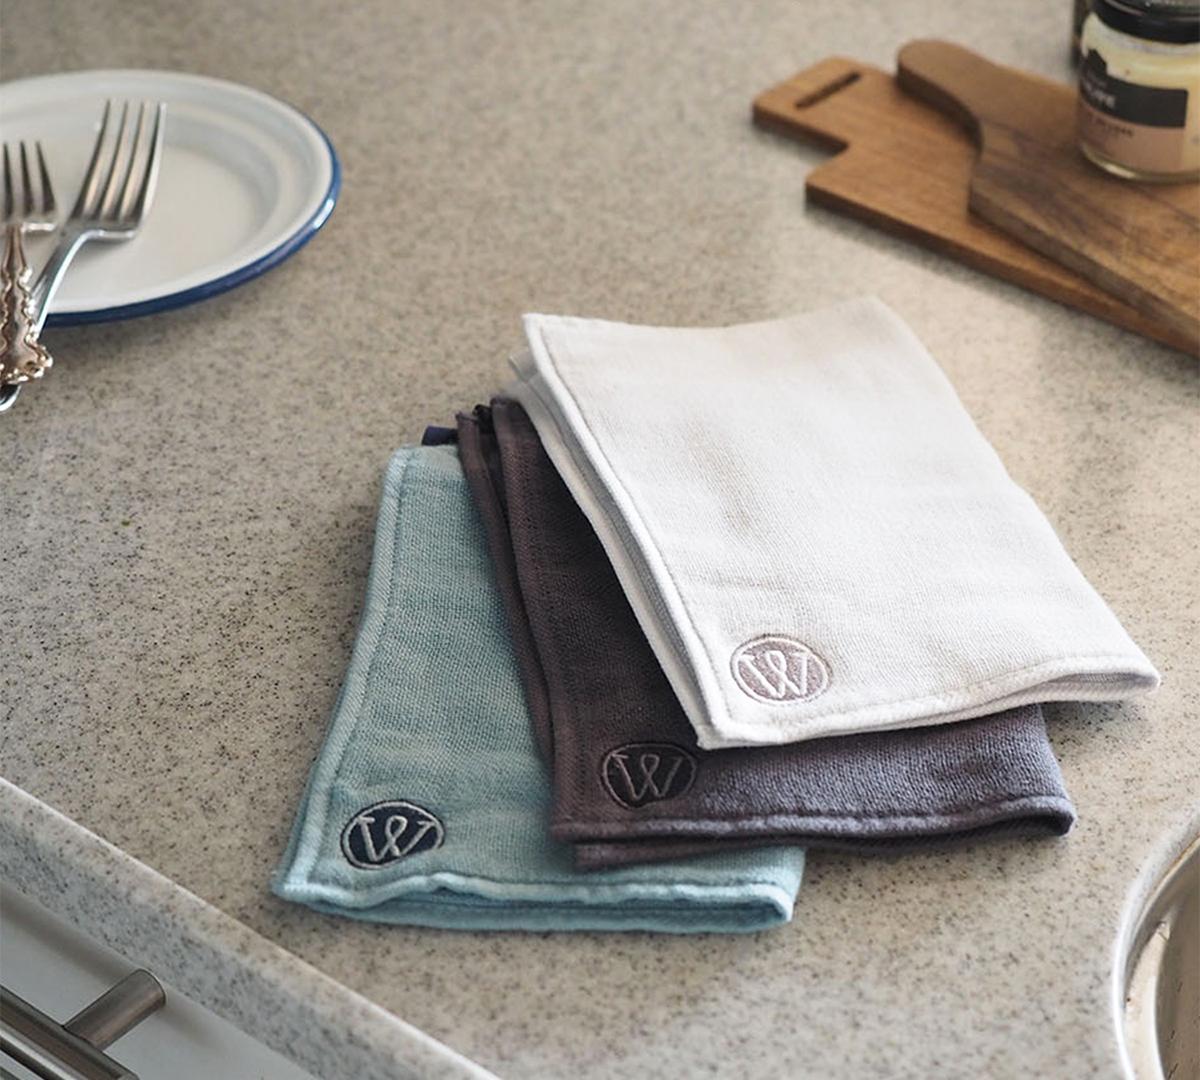 洗ったタオル特有の「嫌なニオイ」がつきにくいキッチンワイプ(台所ふきん)|酸化チタンと銀の作用で、生乾き臭・汗臭の菌を除去する「タオル」|WARP